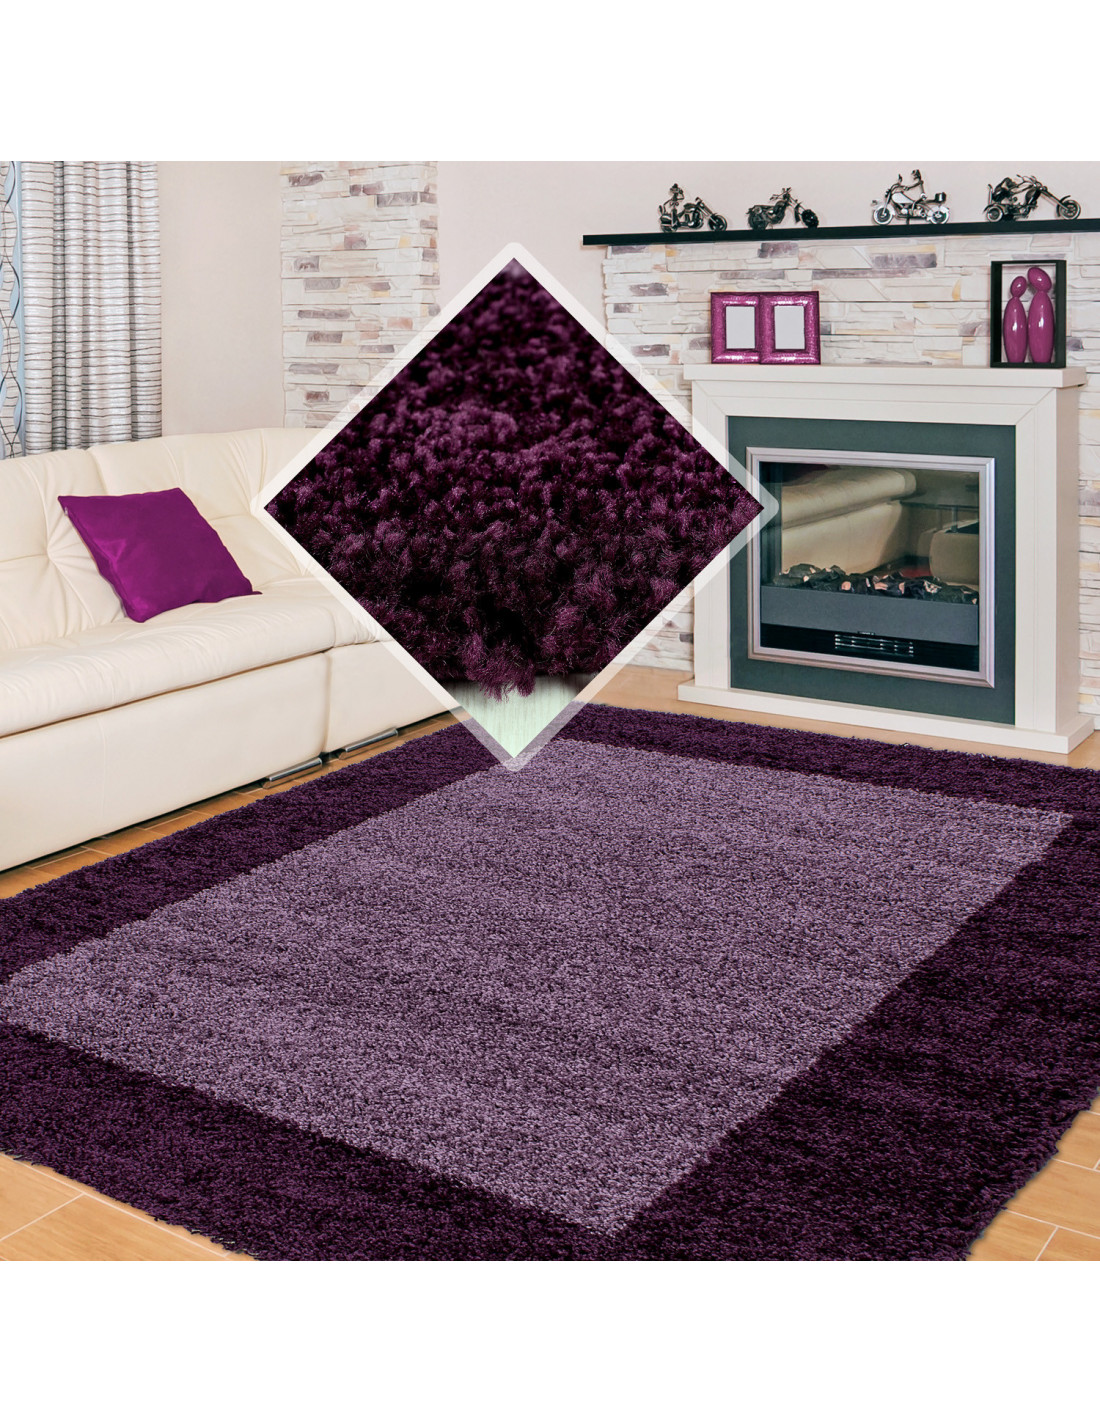 Shaggy Carpet Shaggy Carpet 2 Colors Pile Height 3cm Purple Violet